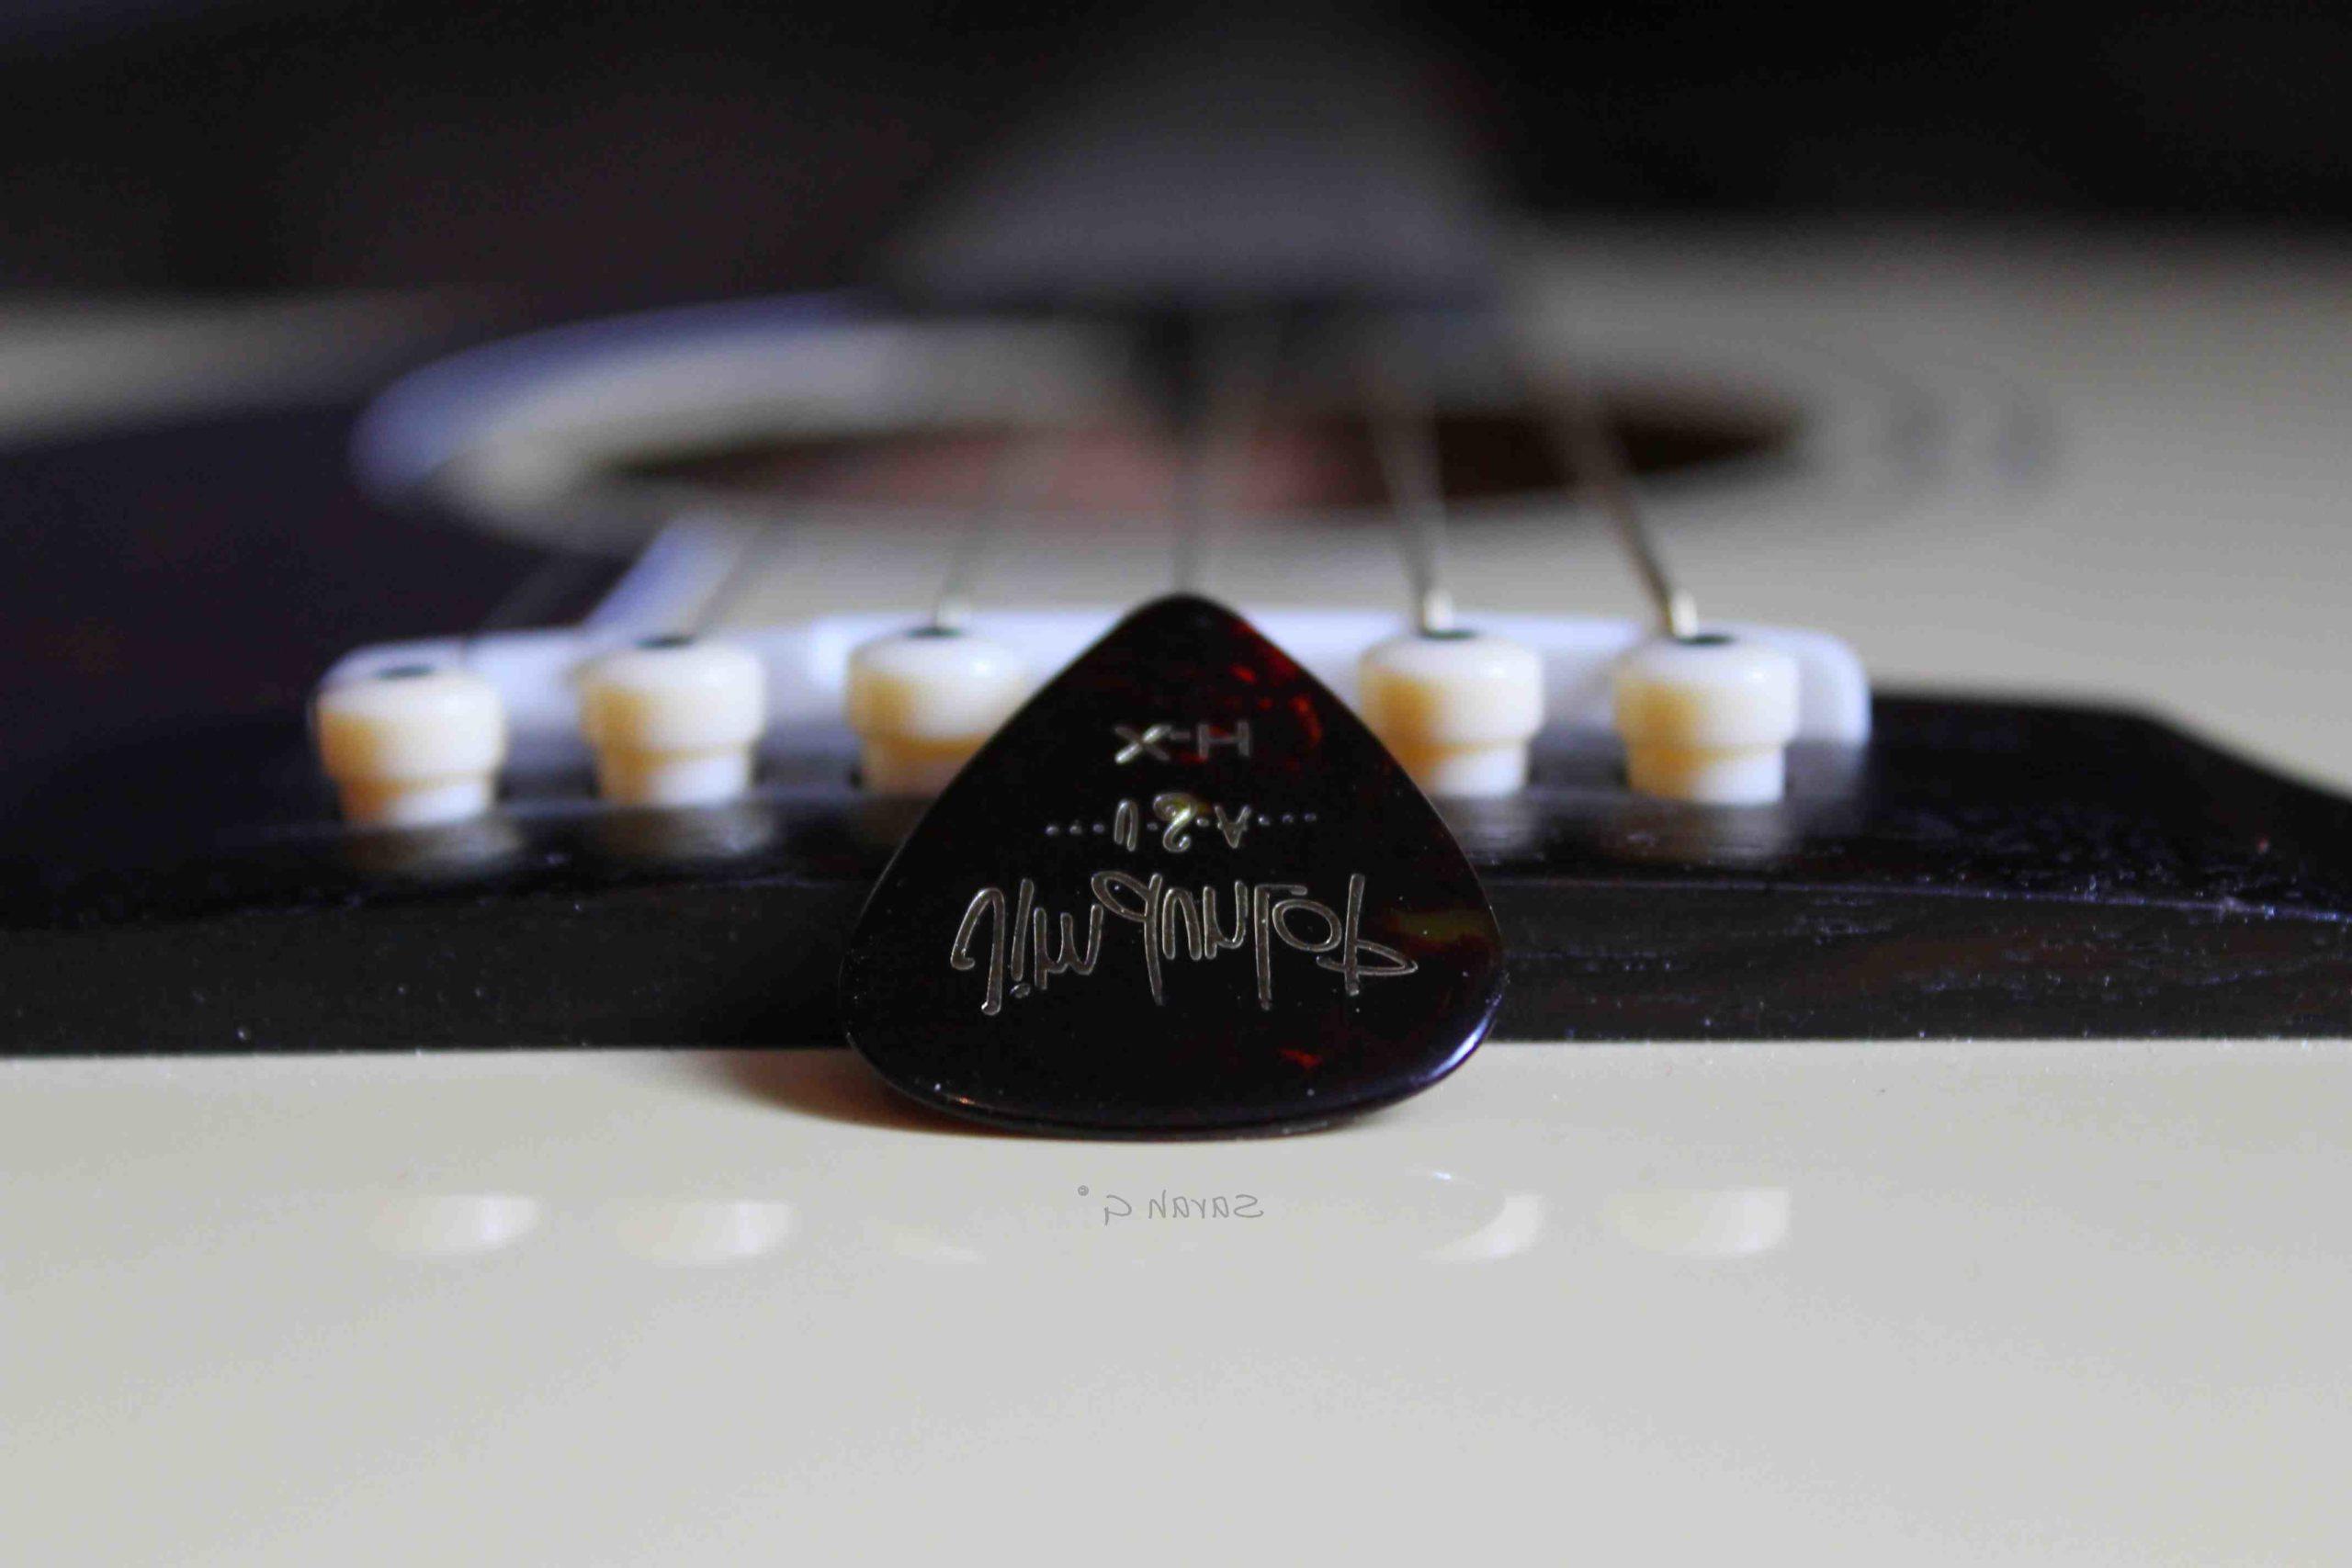 Quel est le nom du nom du truc de guitare strumming?